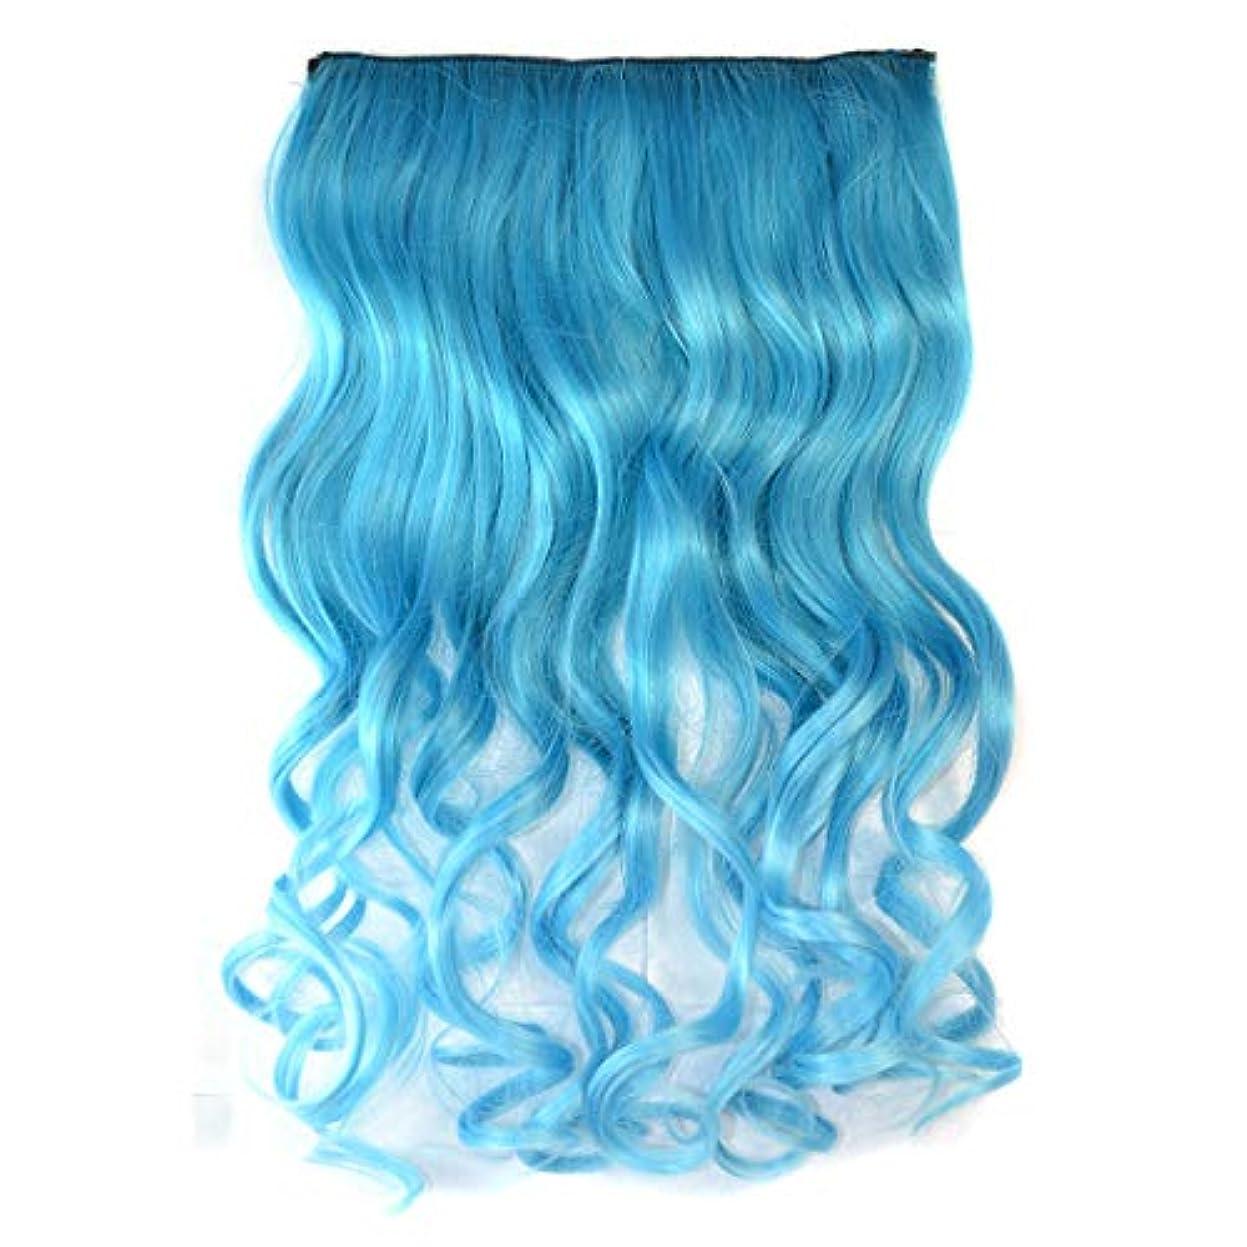 マラドロイトかわいらしい眠るWTYD 美容ヘアツール ワンピースシームレスヘアエクステンションピースカラーグラデーション大波ロングカーリングクリップタイプヘアピース